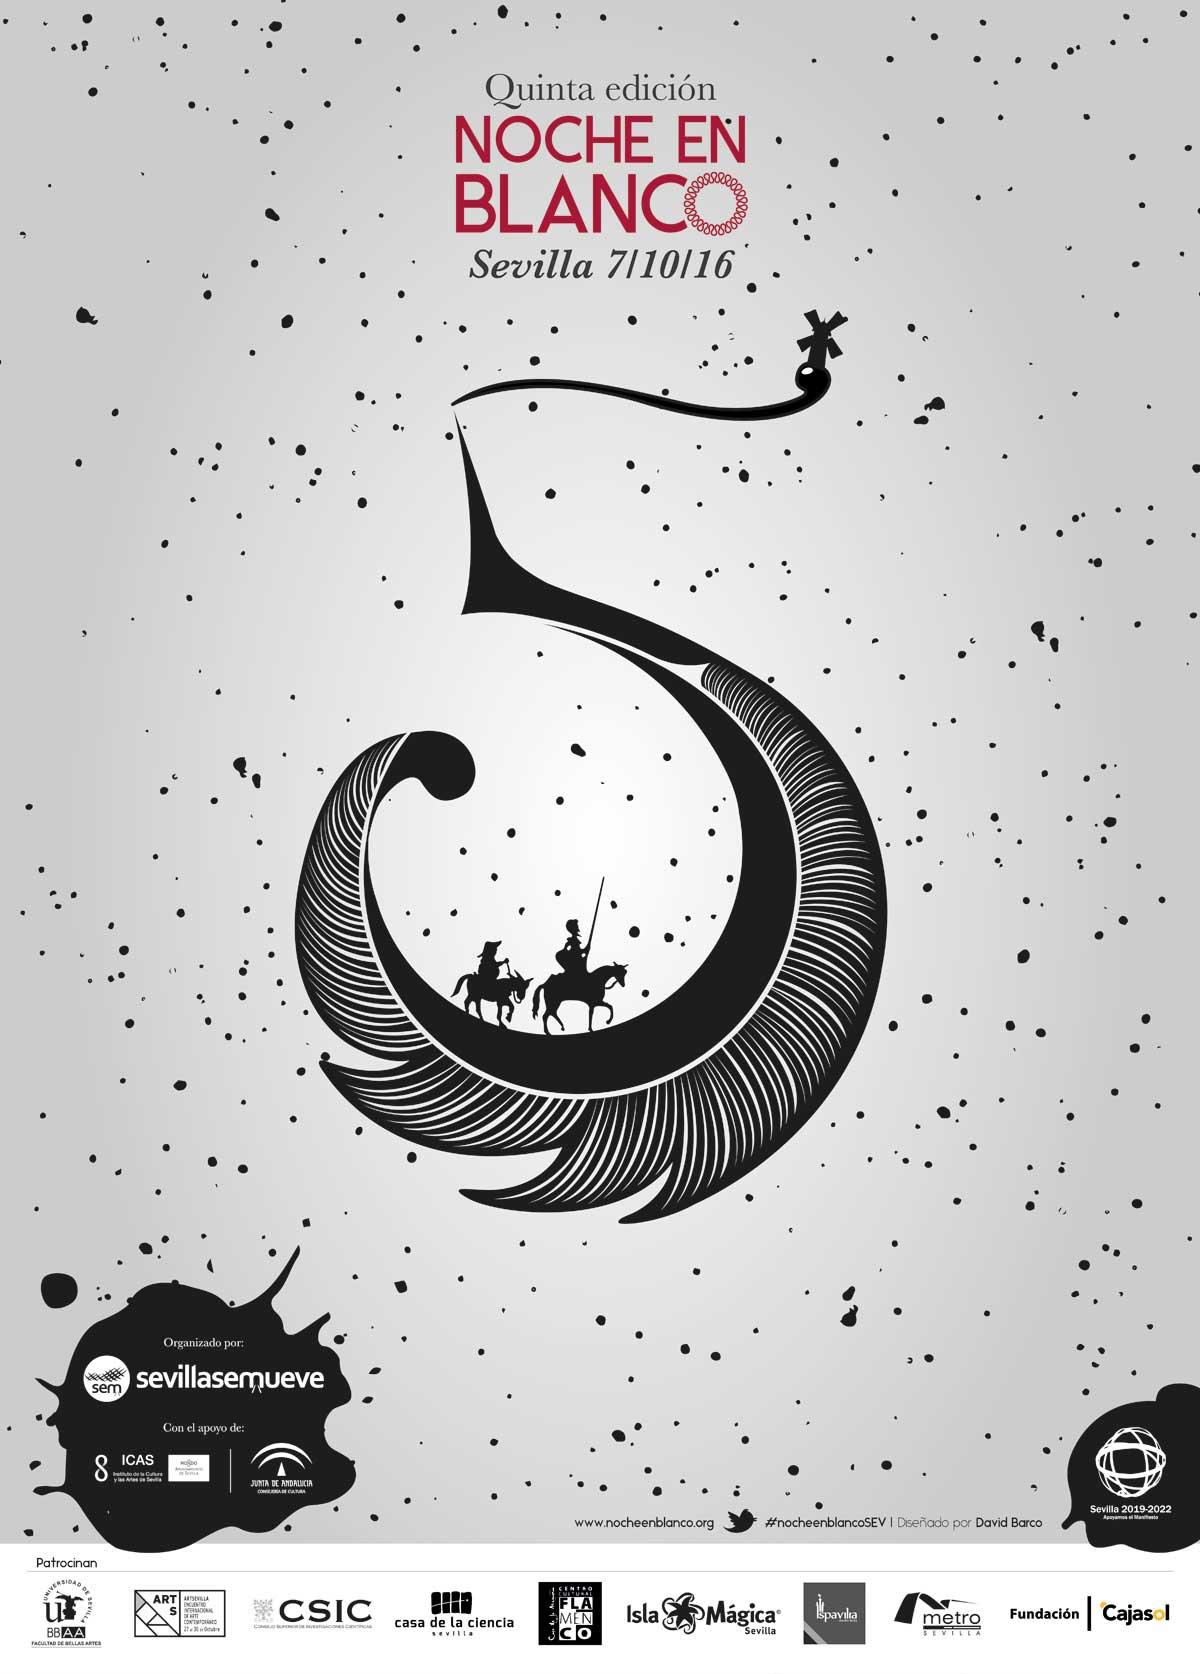 Noche en Blanco - 'Una noche escrita para la cultura'